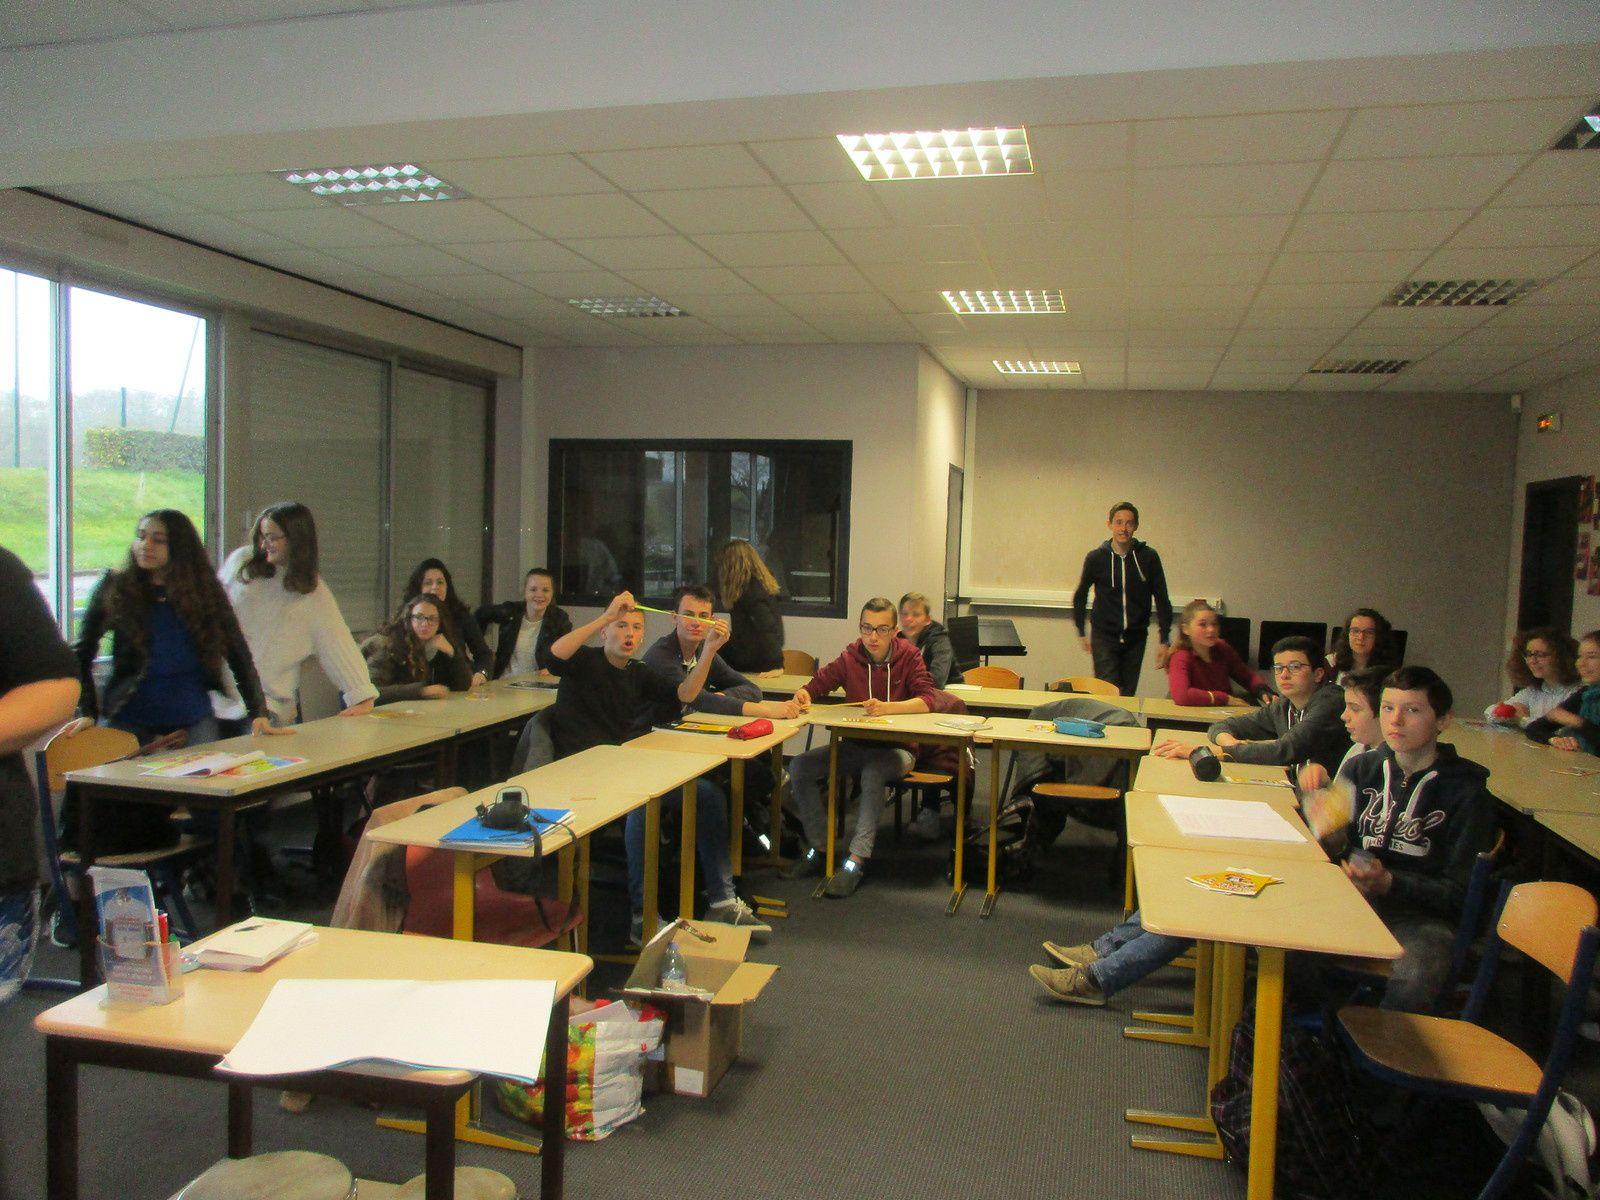 Semaine de l'engagement au collège de PLOUGASTEL, informations aux élèves de 3ème